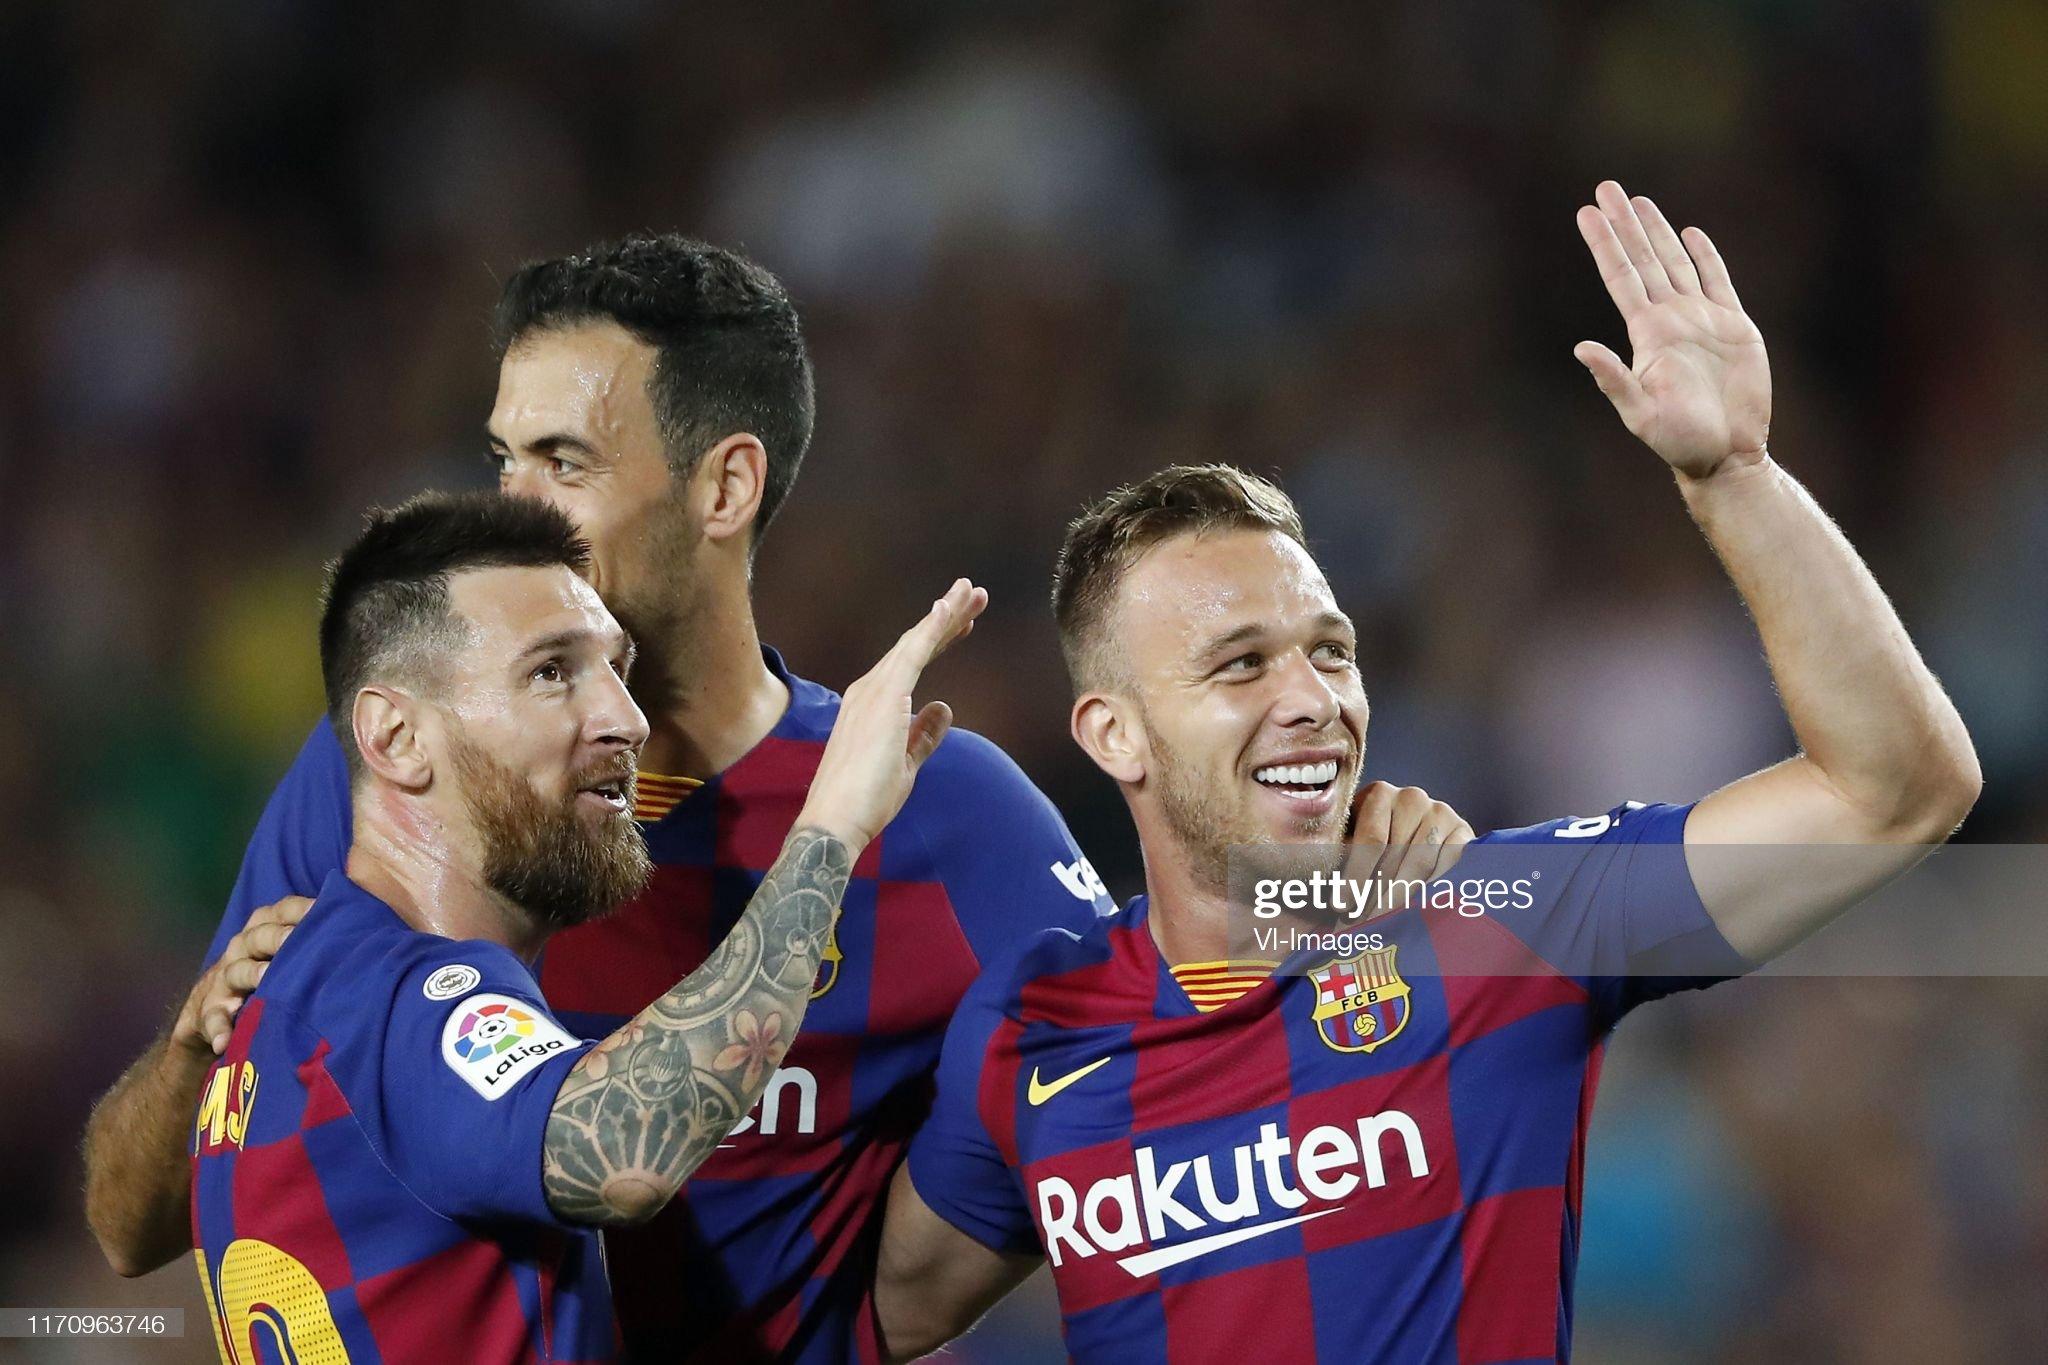 صور مباراة : برشلونة - فياريال 2-1 ( 24-09-2019 )  Lionel-messi-of-fc-barcelona-sergio-busquets-of-fc-barcelona-arthur-picture-id1170963746?s=2048x2048